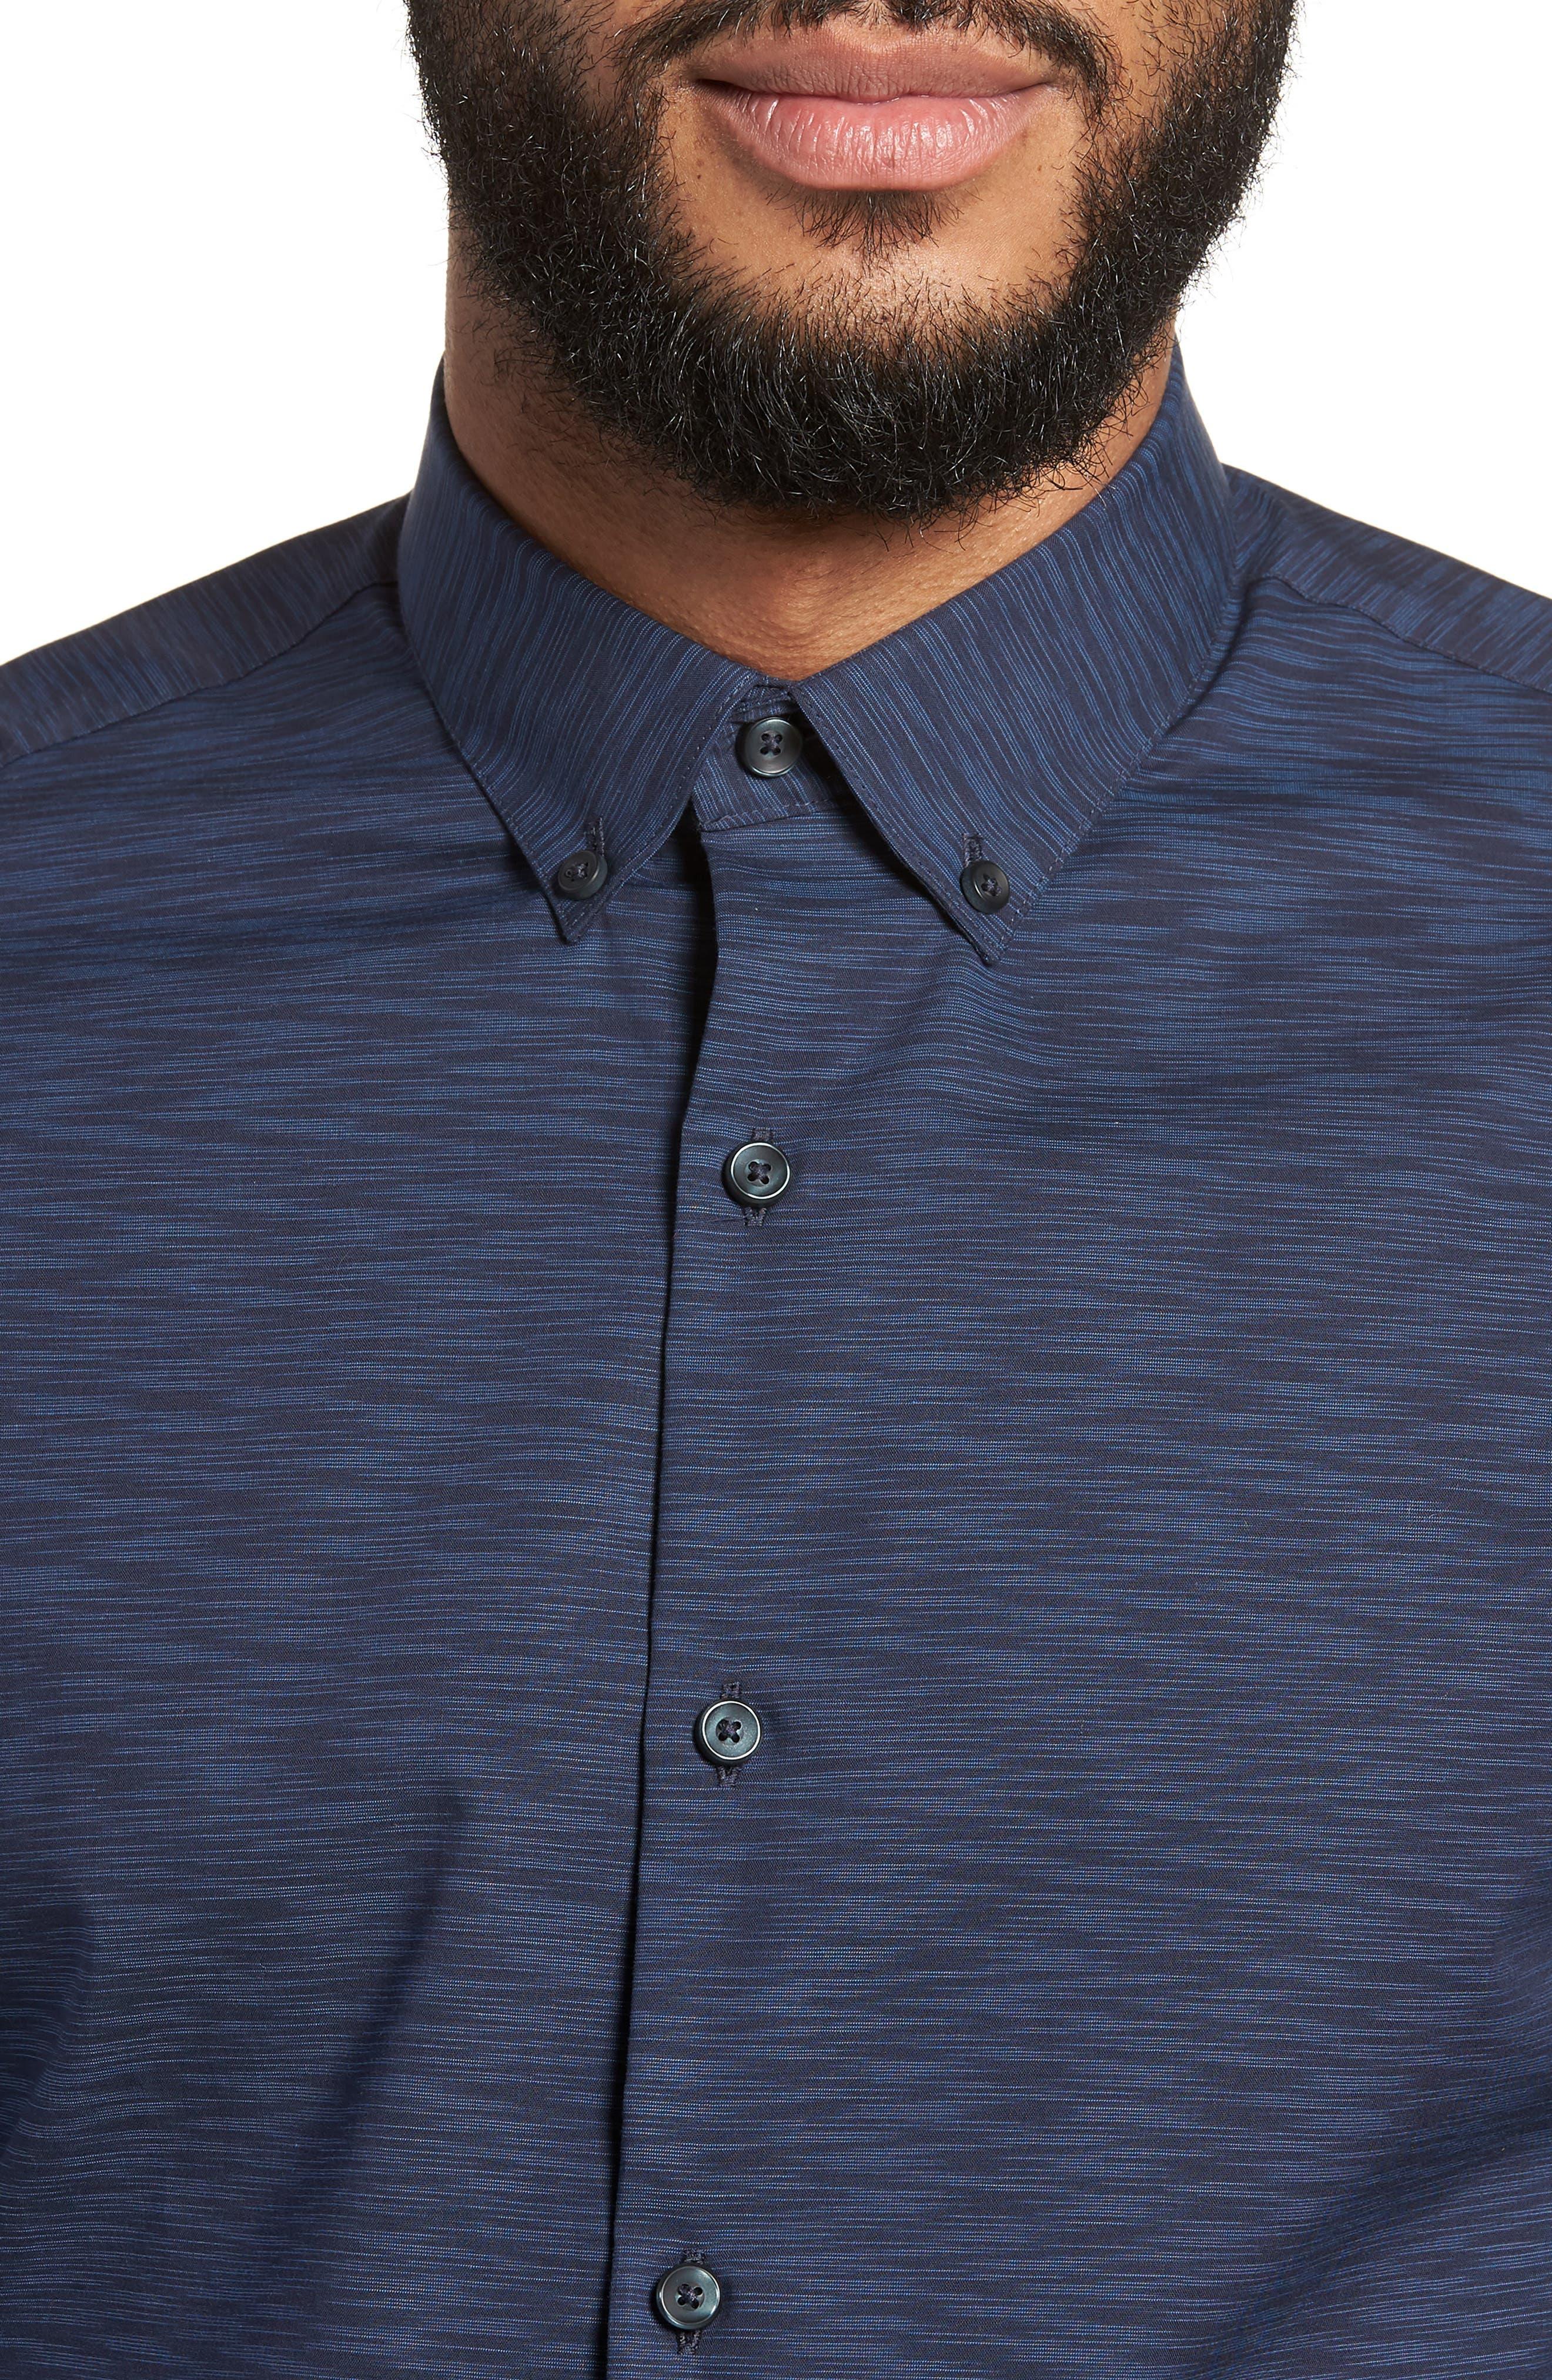 Trim Fit Solid Sport Shirt,                             Alternate thumbnail 4, color,                             410